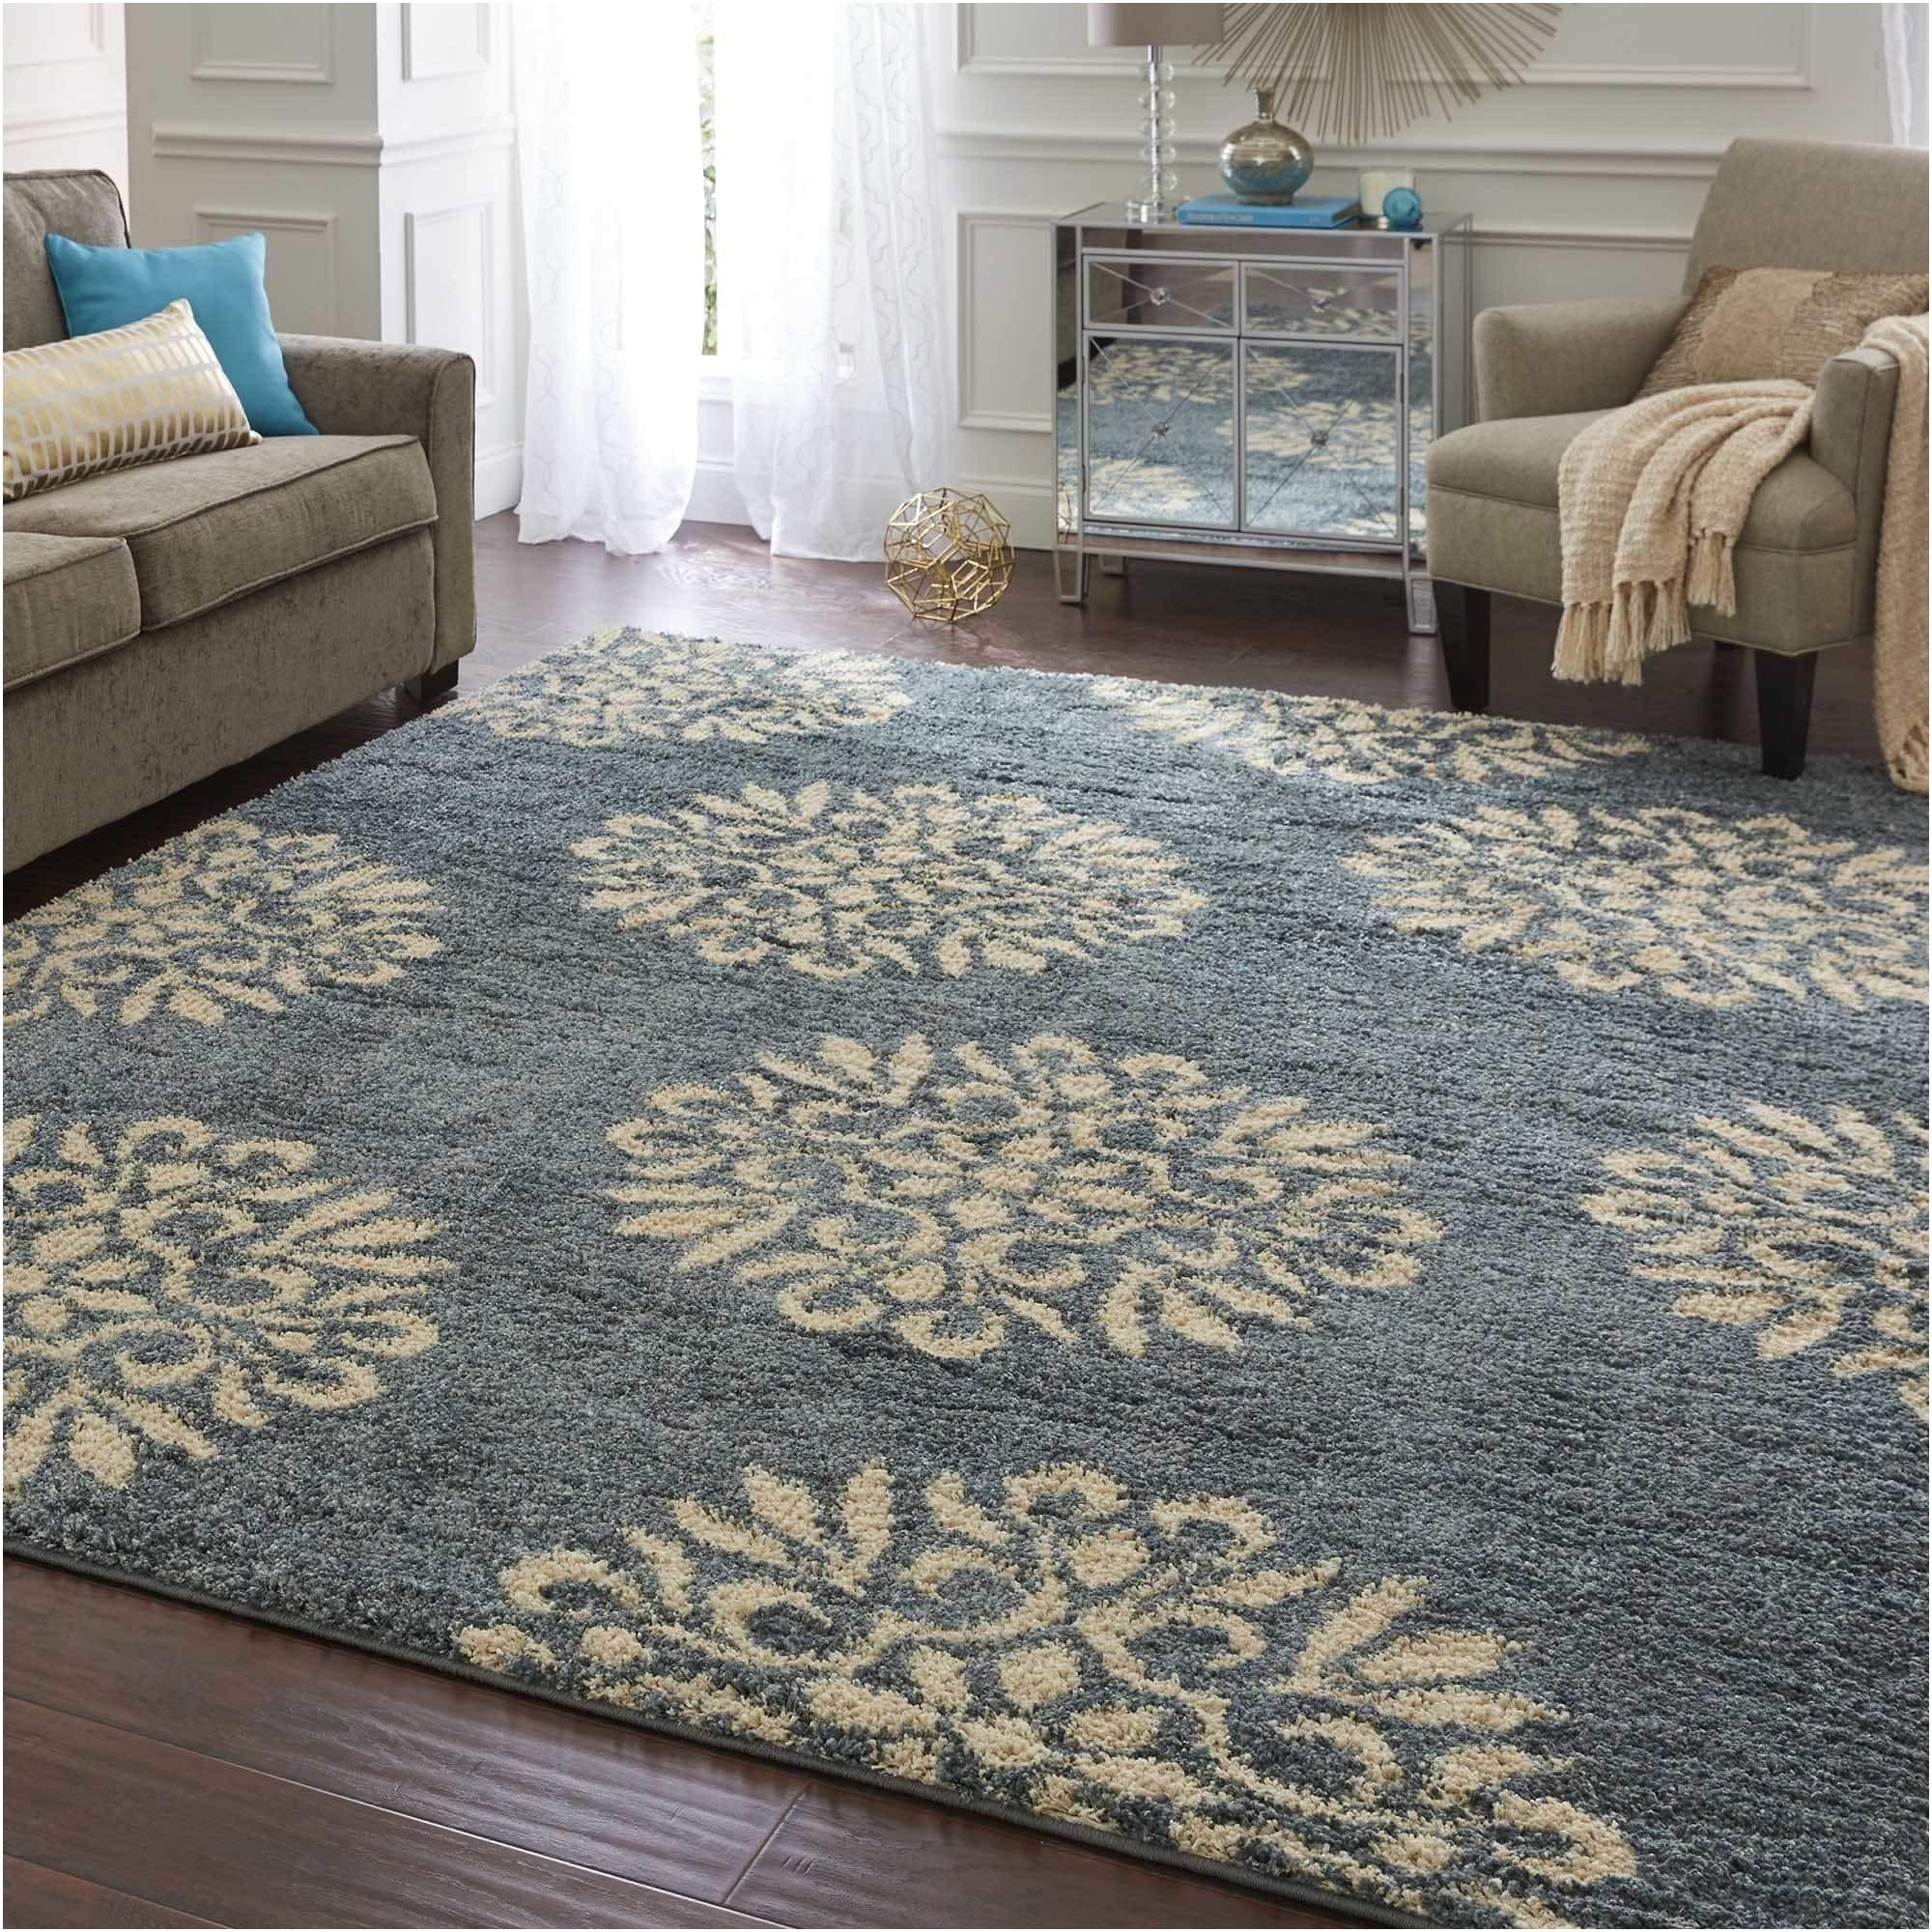 home design moroccan trellis rug inspirational furniture forter sets at kohl s elegant moroccan trellis